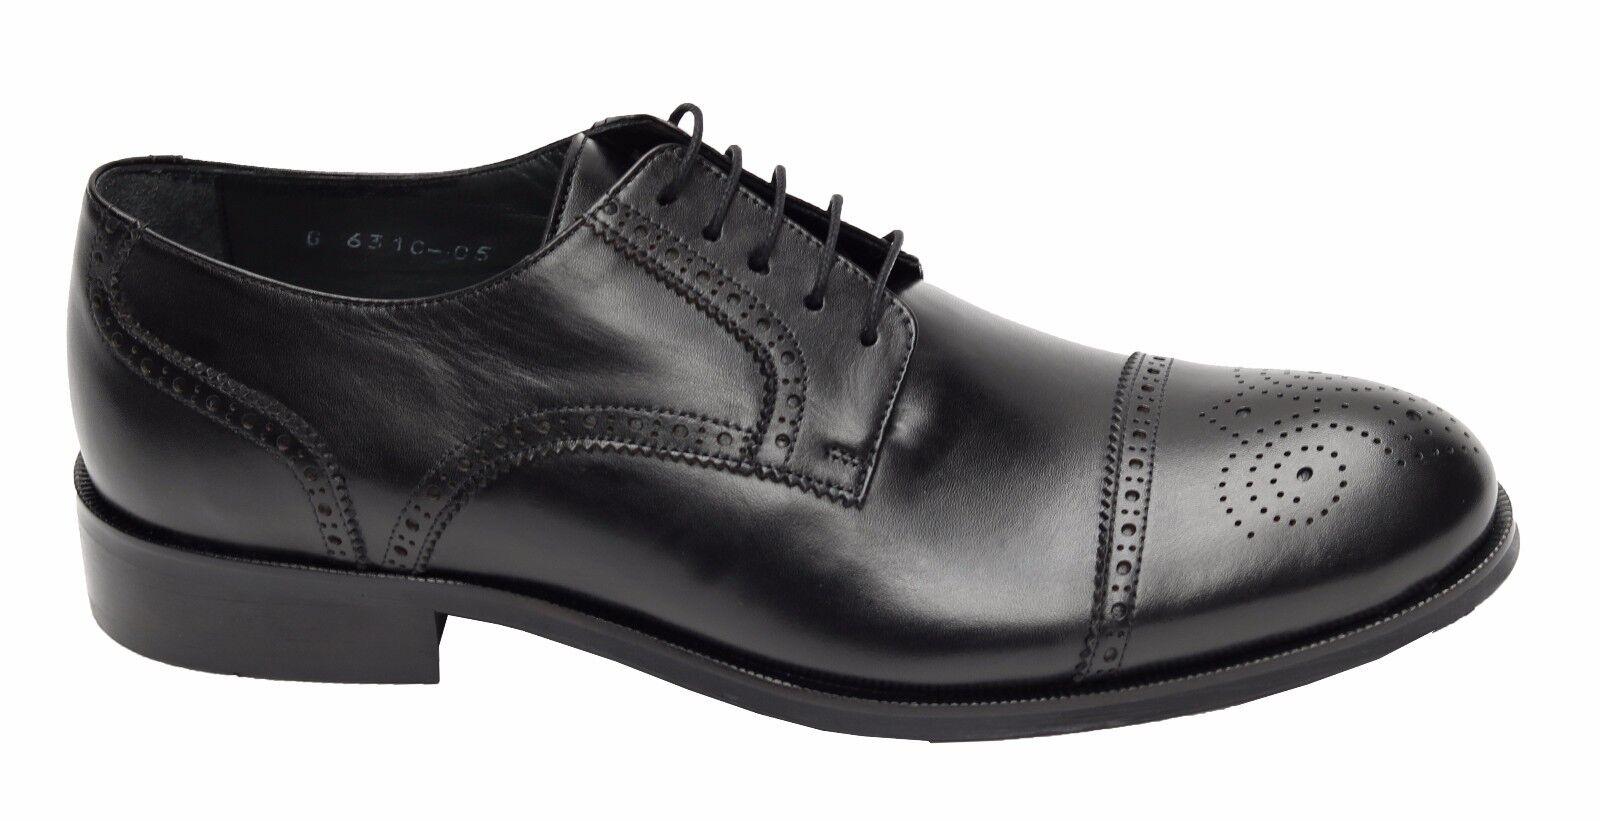 Billig gute Qualität Echtleder Herren Schuhe Gr.44 Schwarz